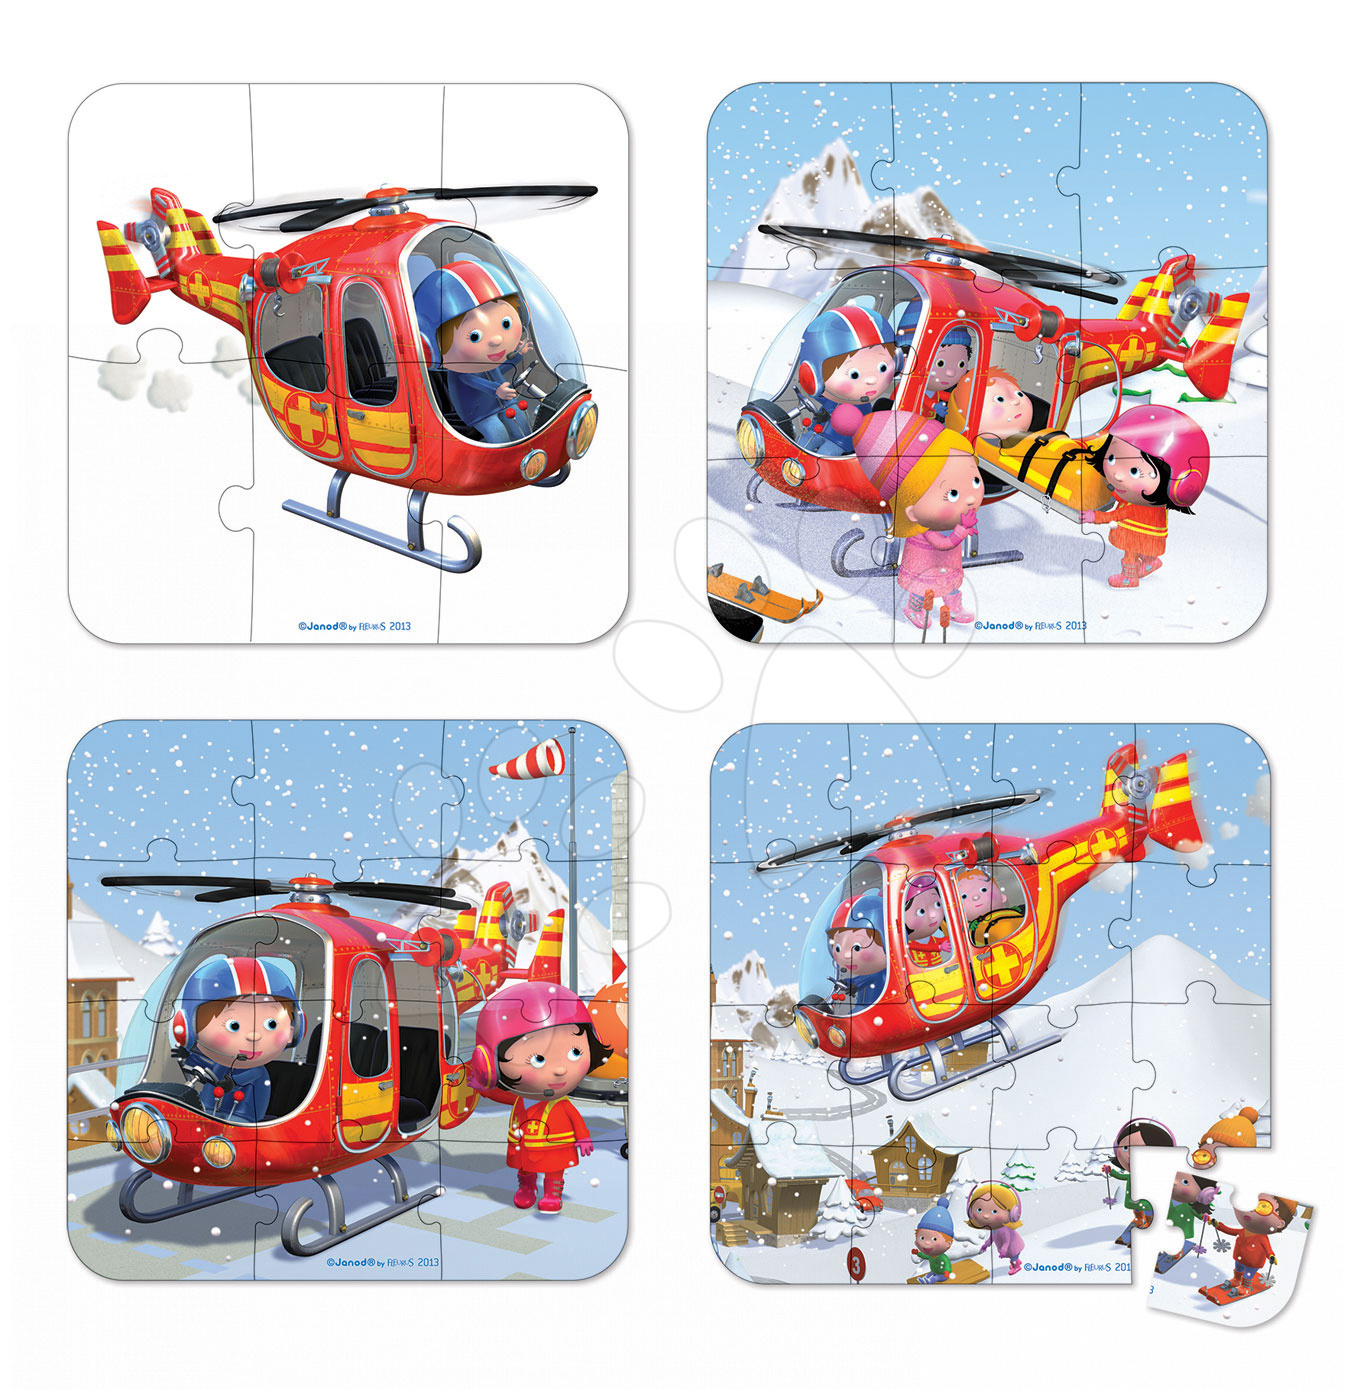 Detské puzzle do 100 dielov - Puzzle Pierrova helikoptéra Janod v kufríku 6-9-12-16 dielov od 3 - 6 rokov